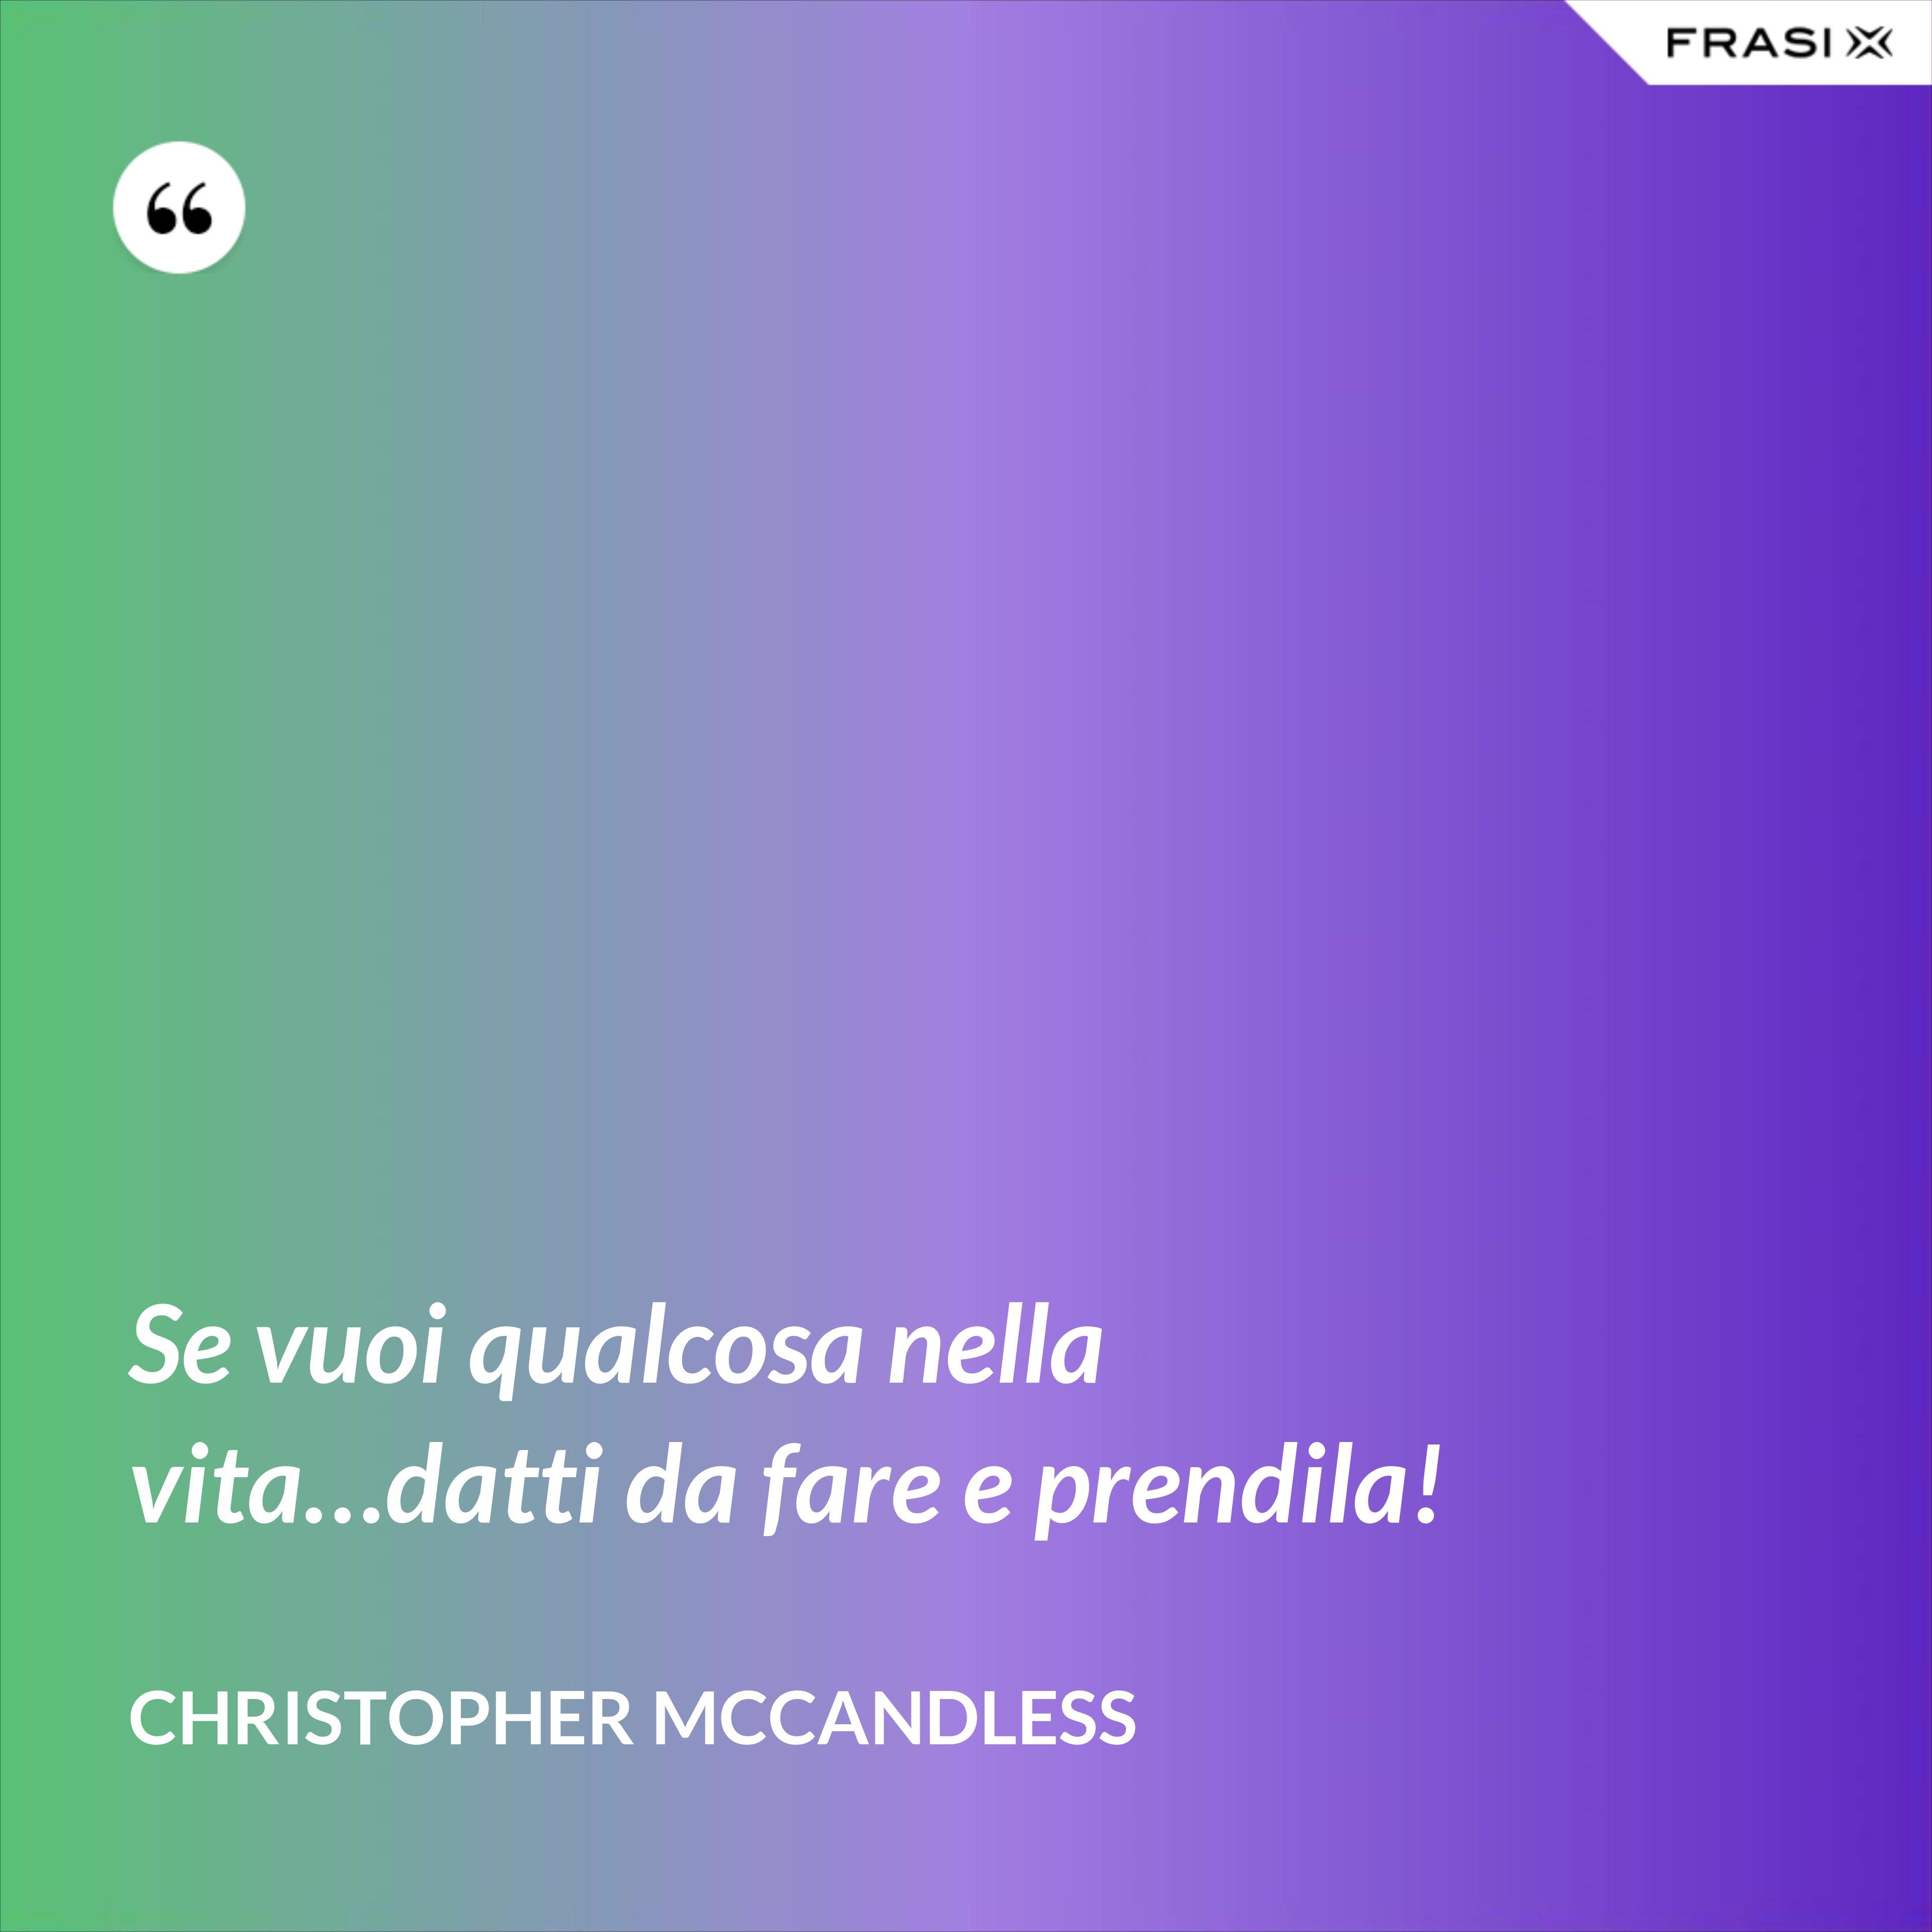 Se vuoi qualcosa nella vita…datti da fare e prendila! - Christopher McCandless